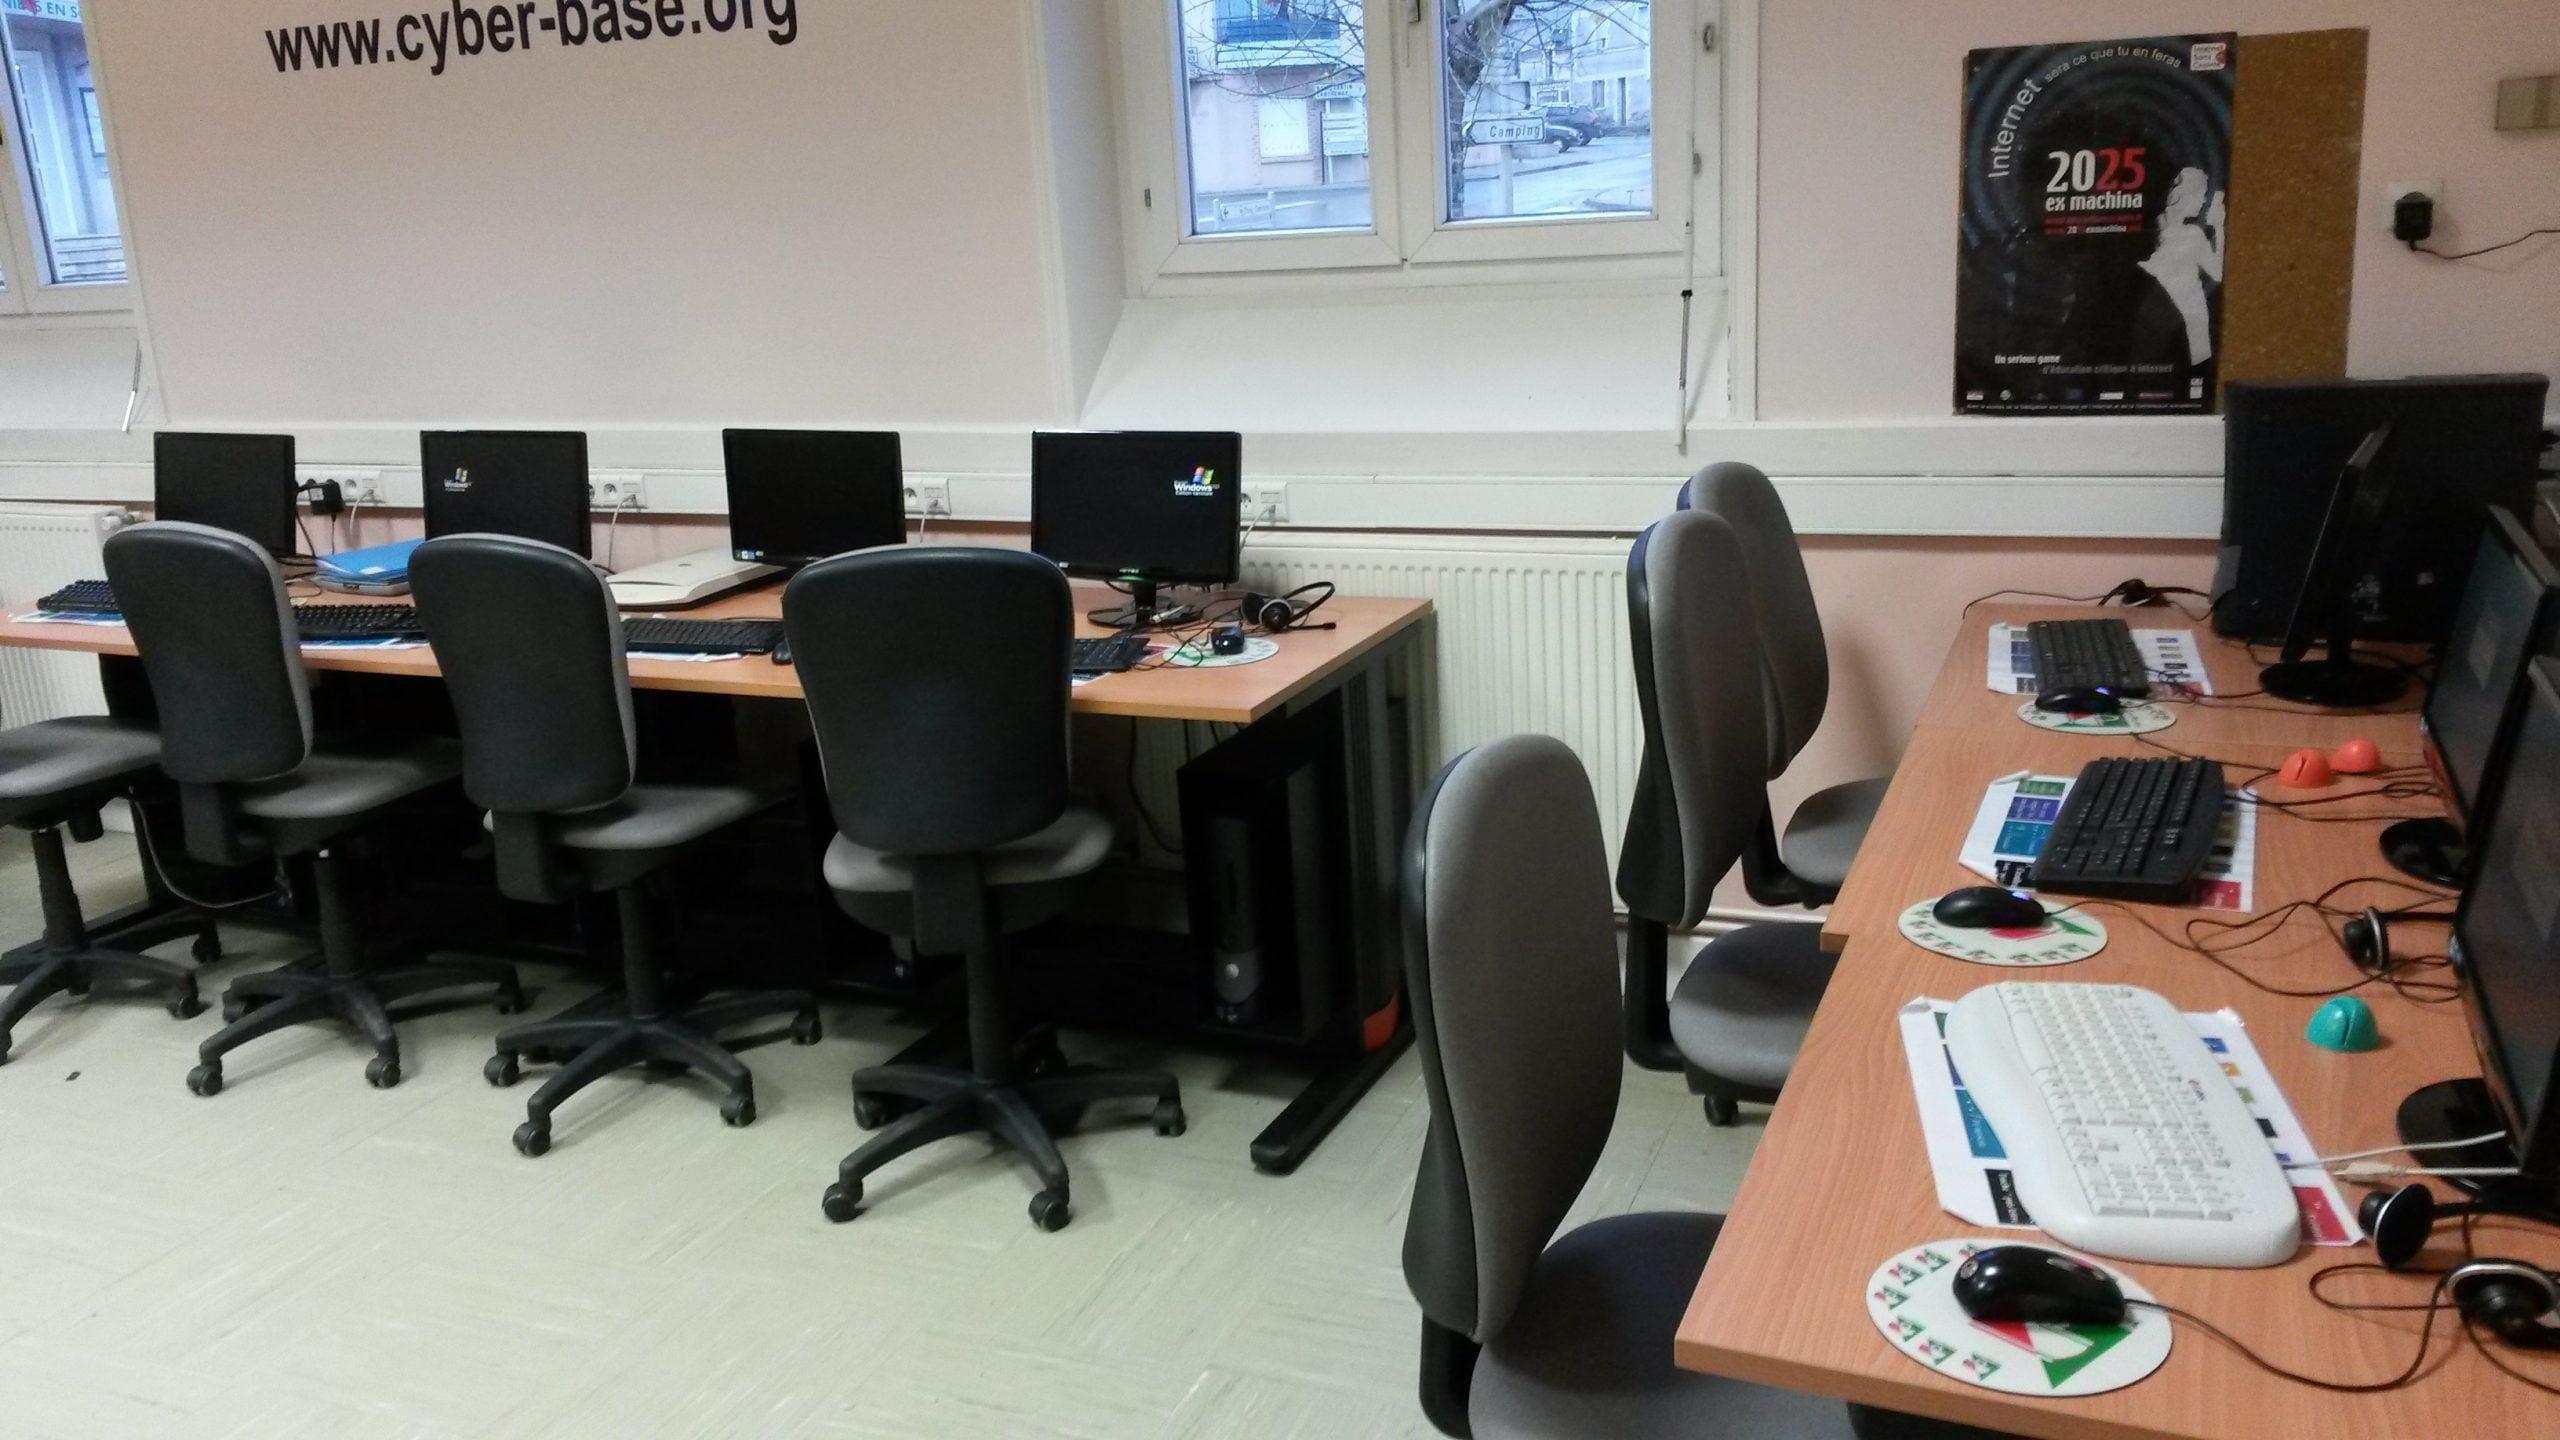 Vue intérieur de la Cyber Base de Pruniers en Sologne